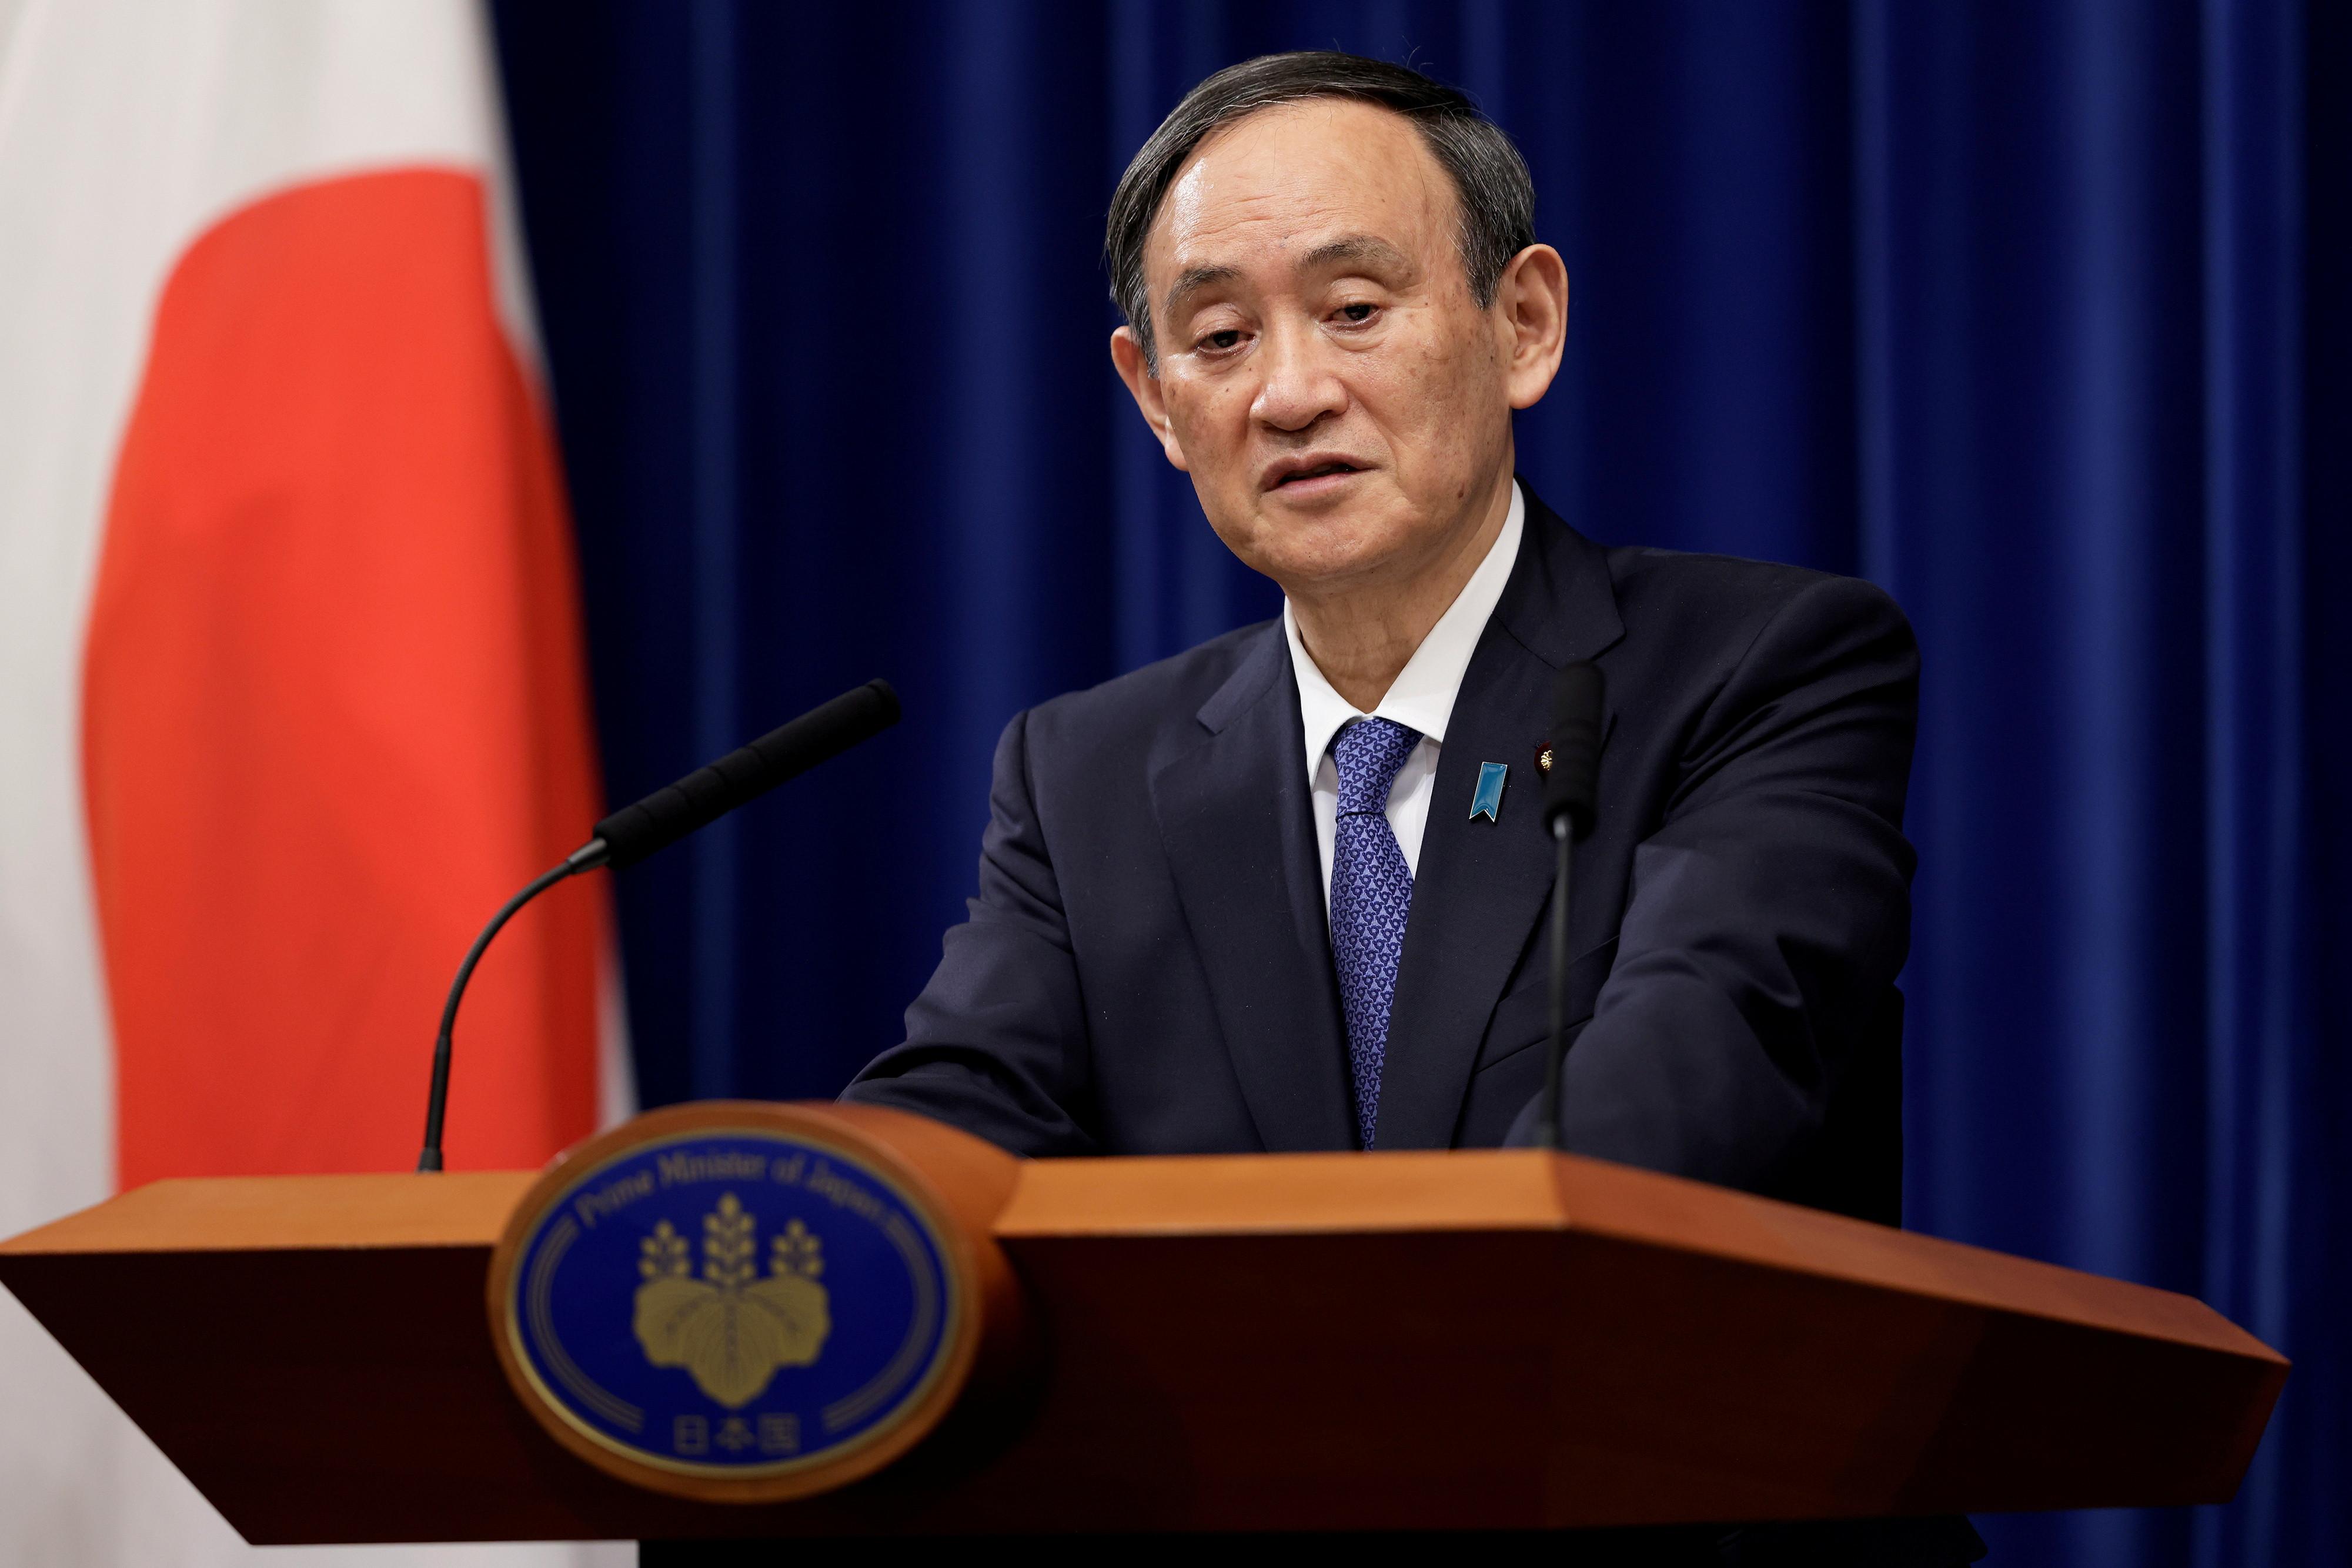 ▲▼日本首相菅義偉由衷祝賀拜登就職美國總統。(圖/路透社)